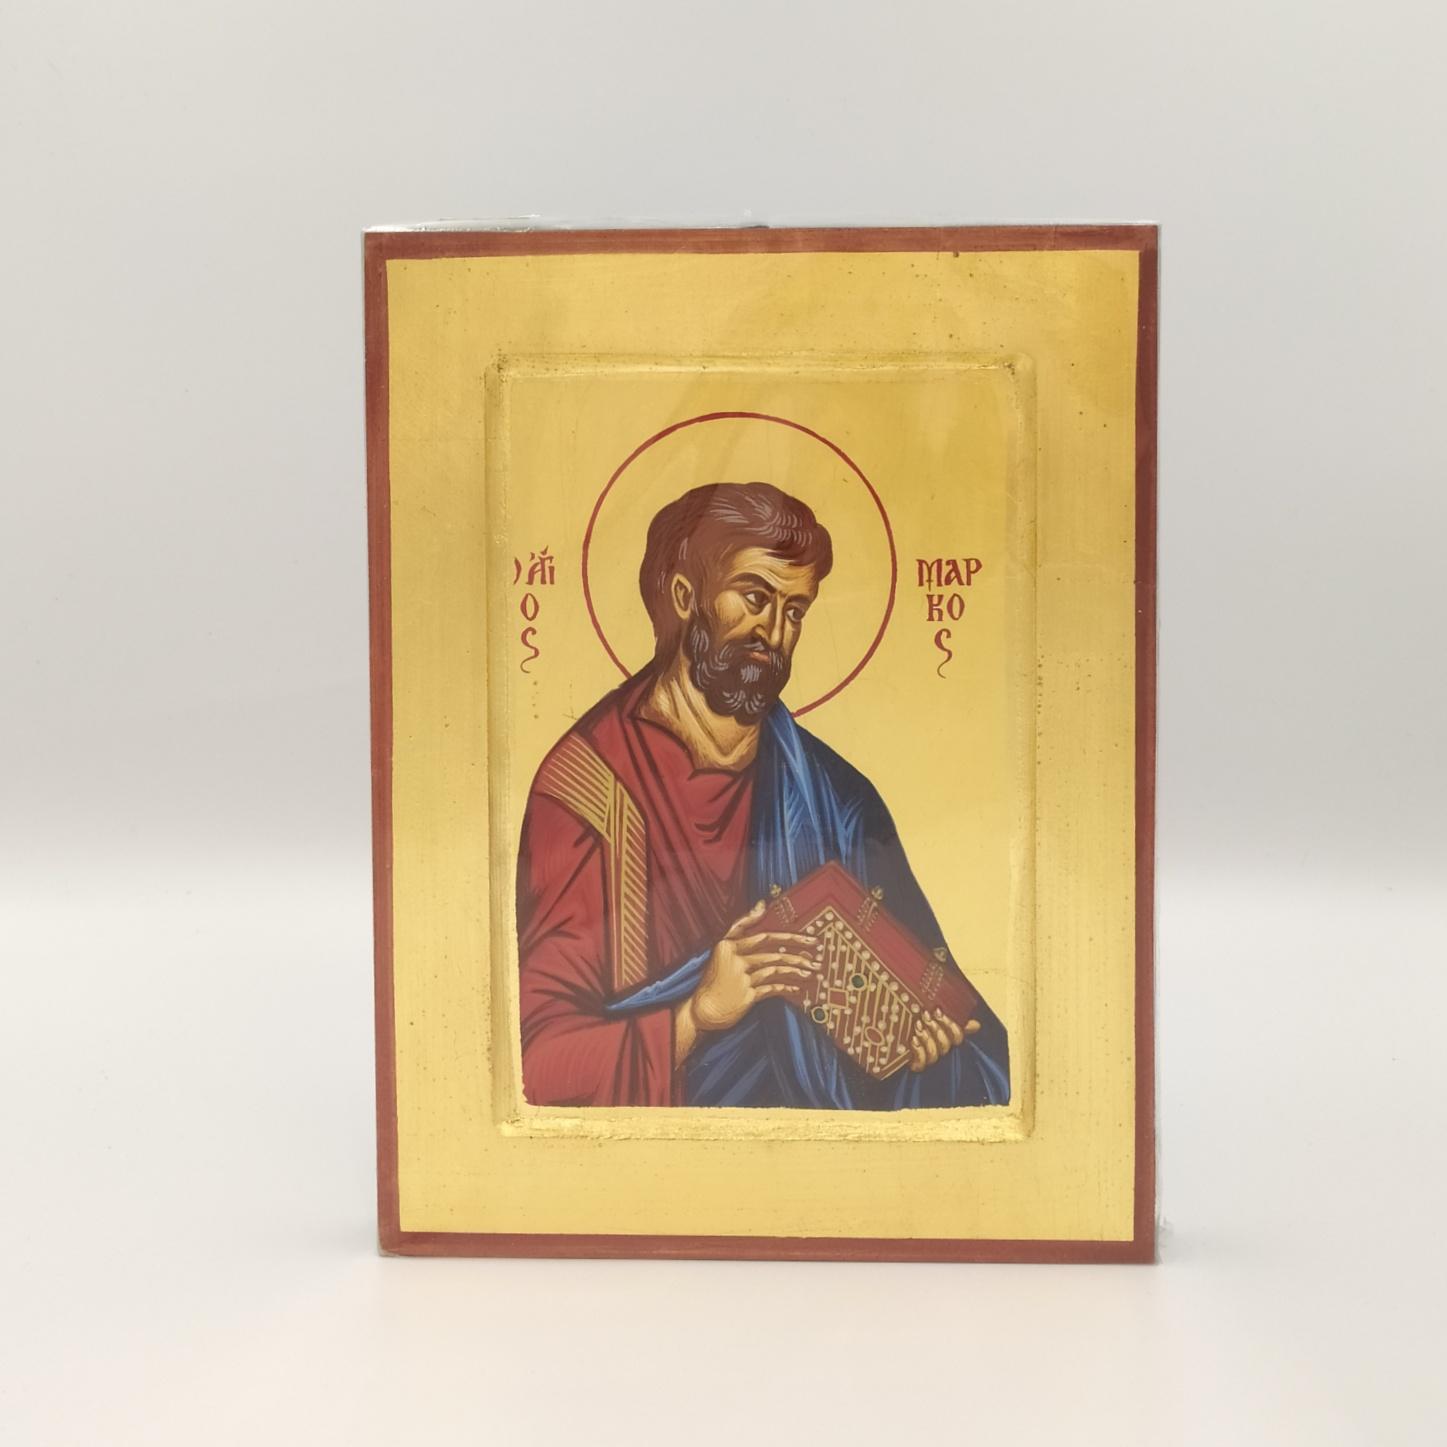 Ikona grecka św. Marek Ewangelista